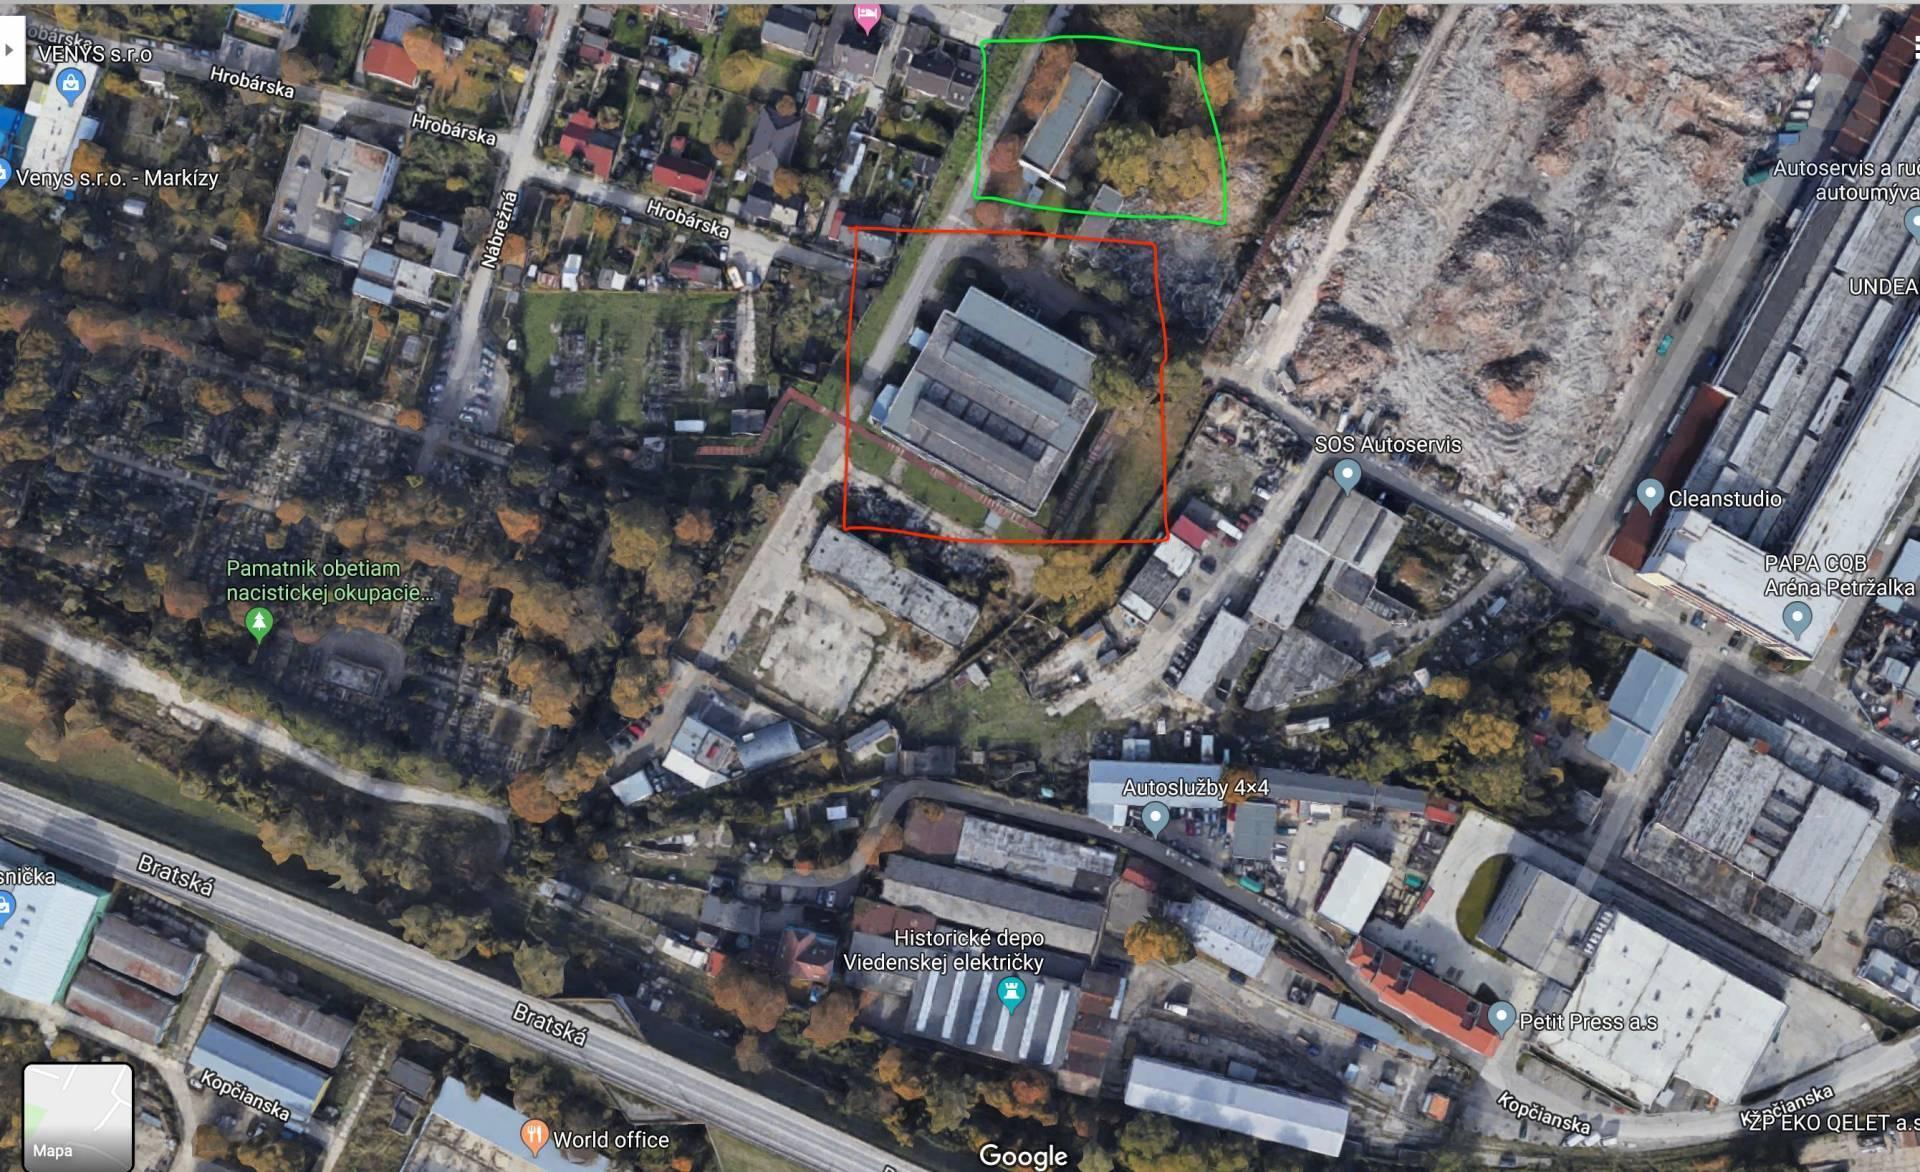 Prenájom, priemyselná hala 2250 m2, Bratislava - Petržalka